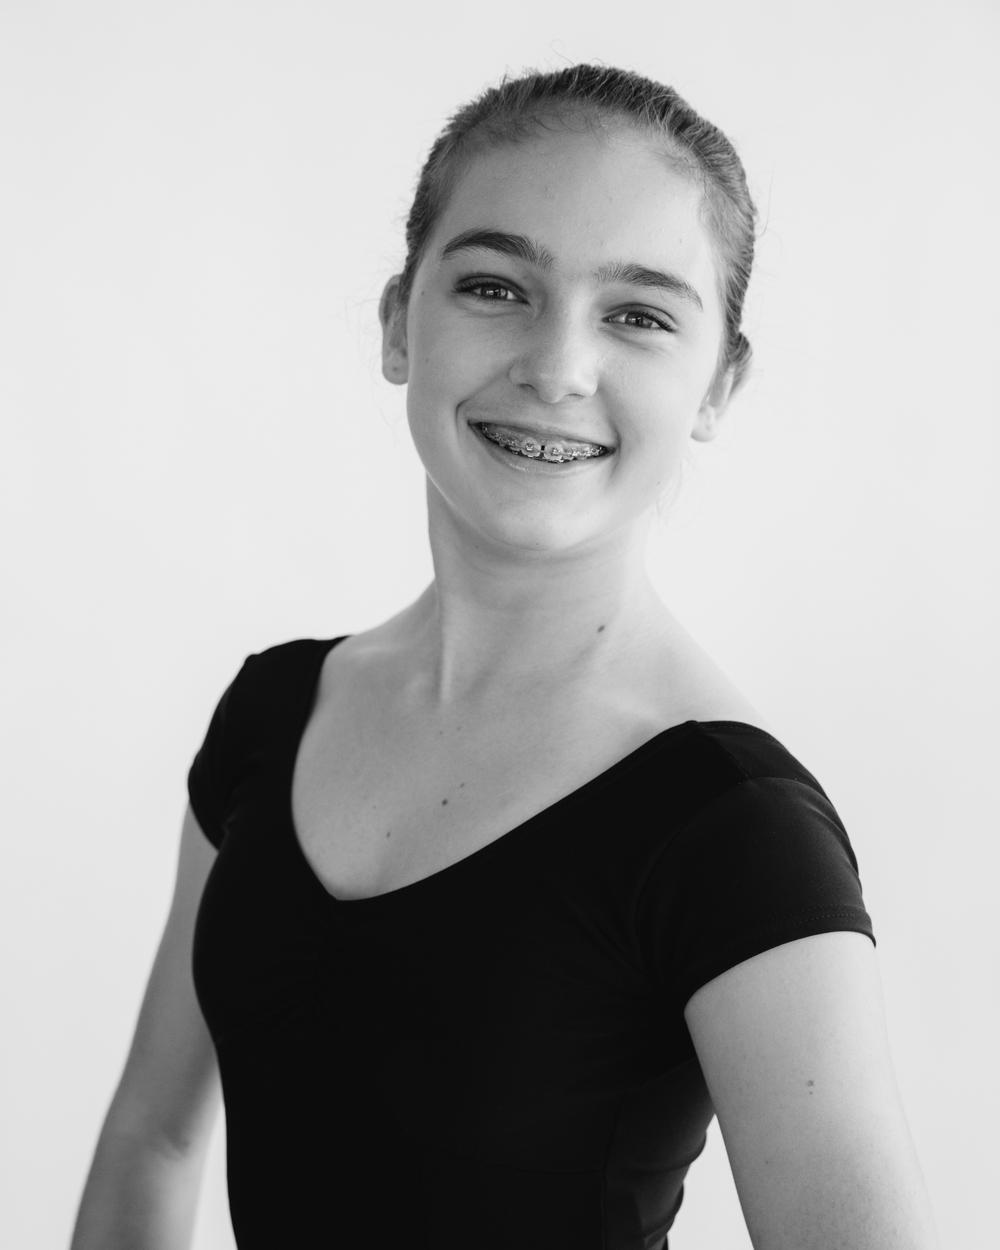 Anna Gillmore